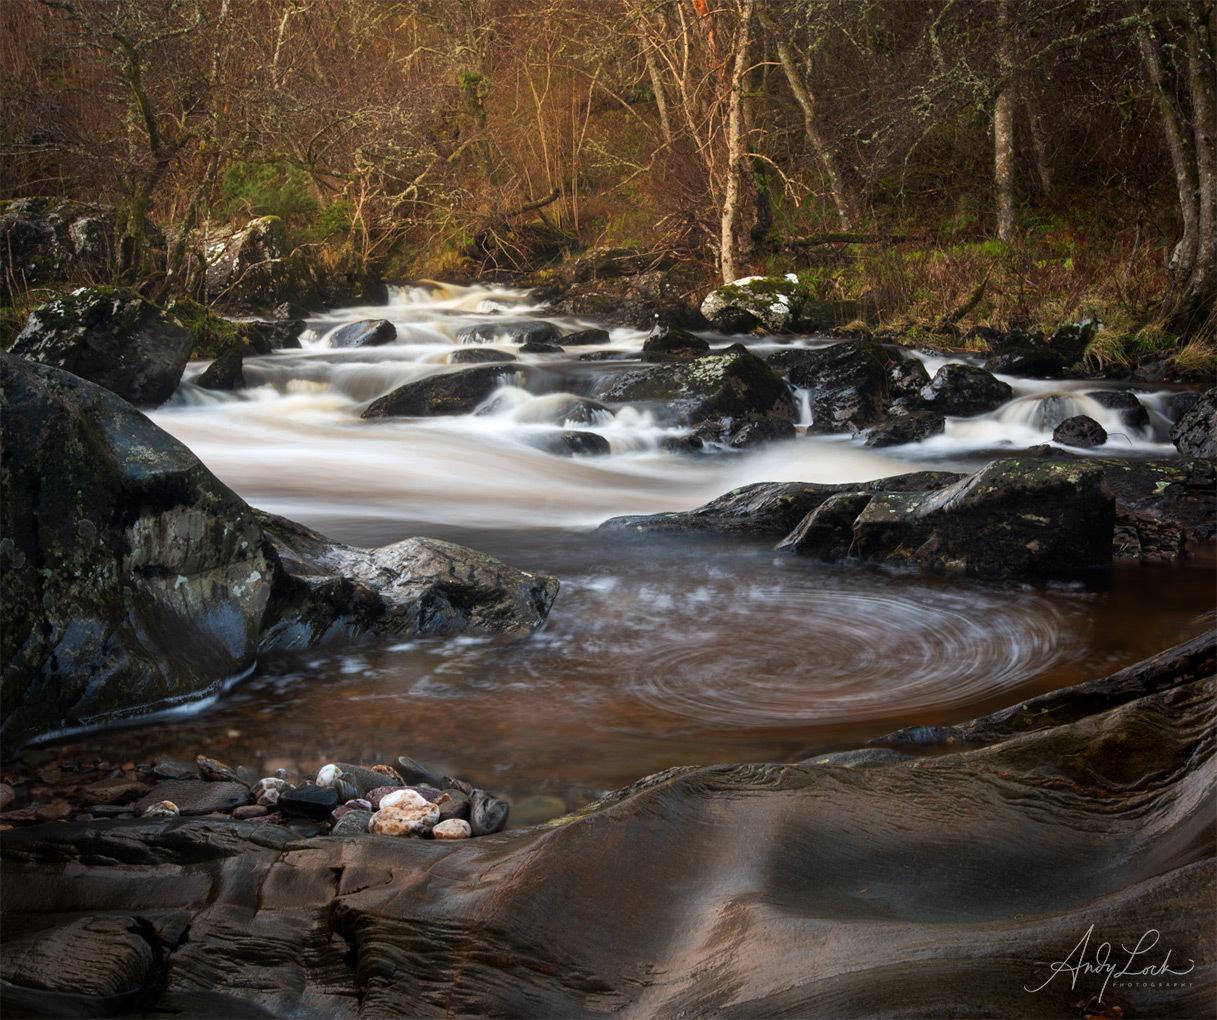 The Rumbling Bridge Falls near Dunkeld